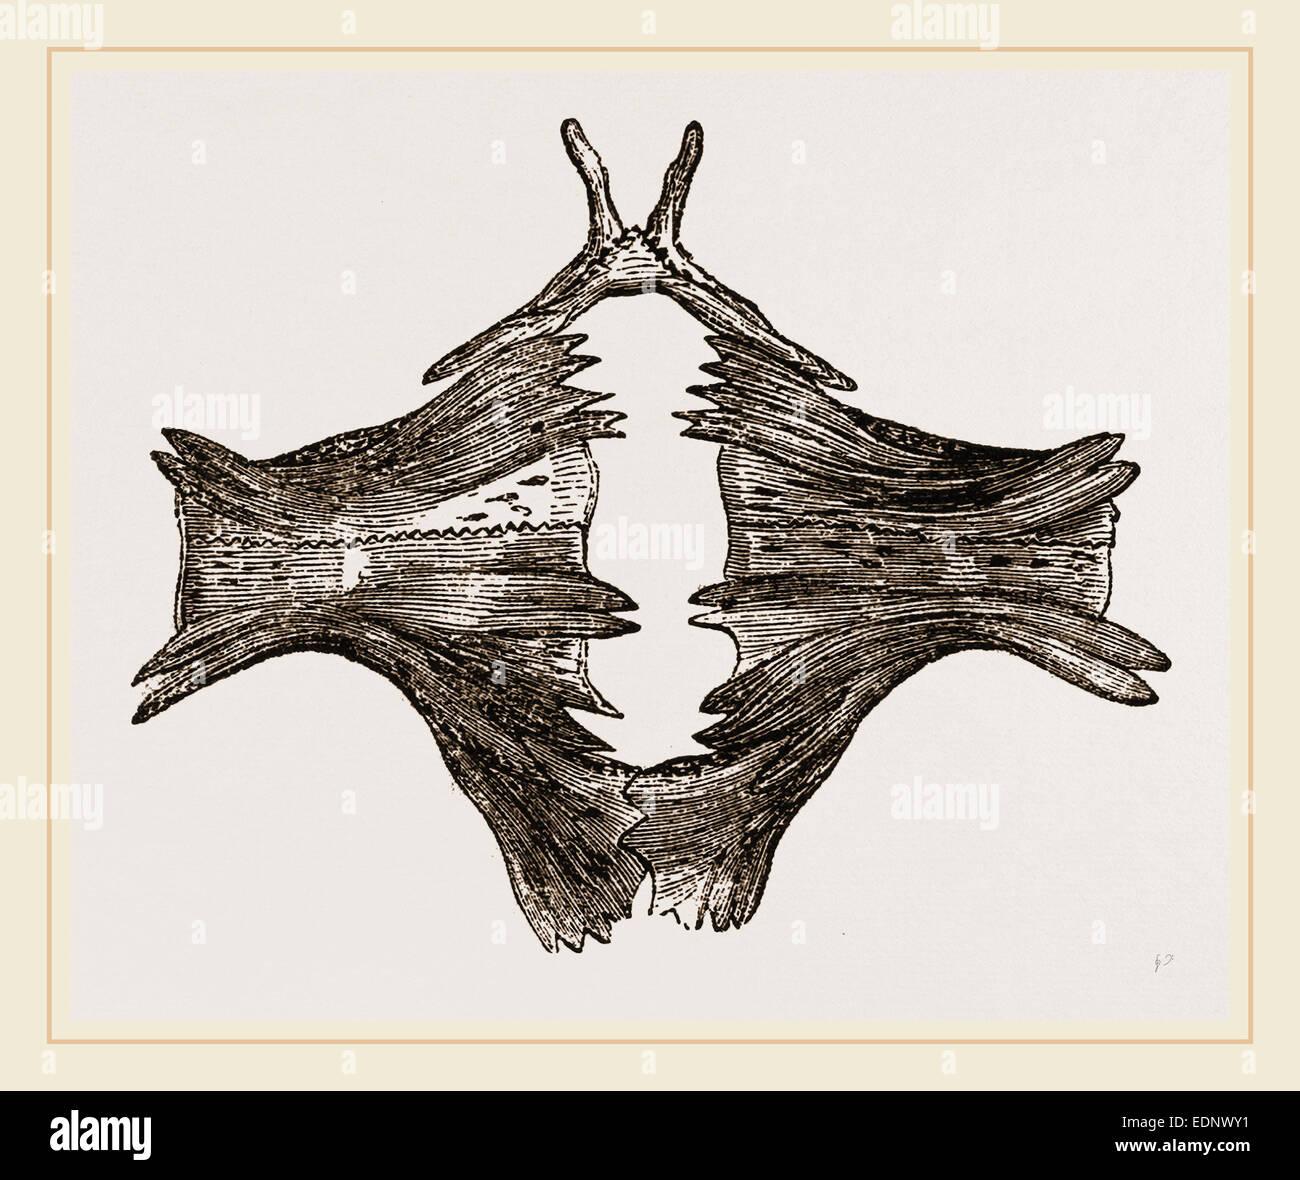 Ziemlich Brustbeins Funktion Galerie - Anatomie Ideen - finotti.info